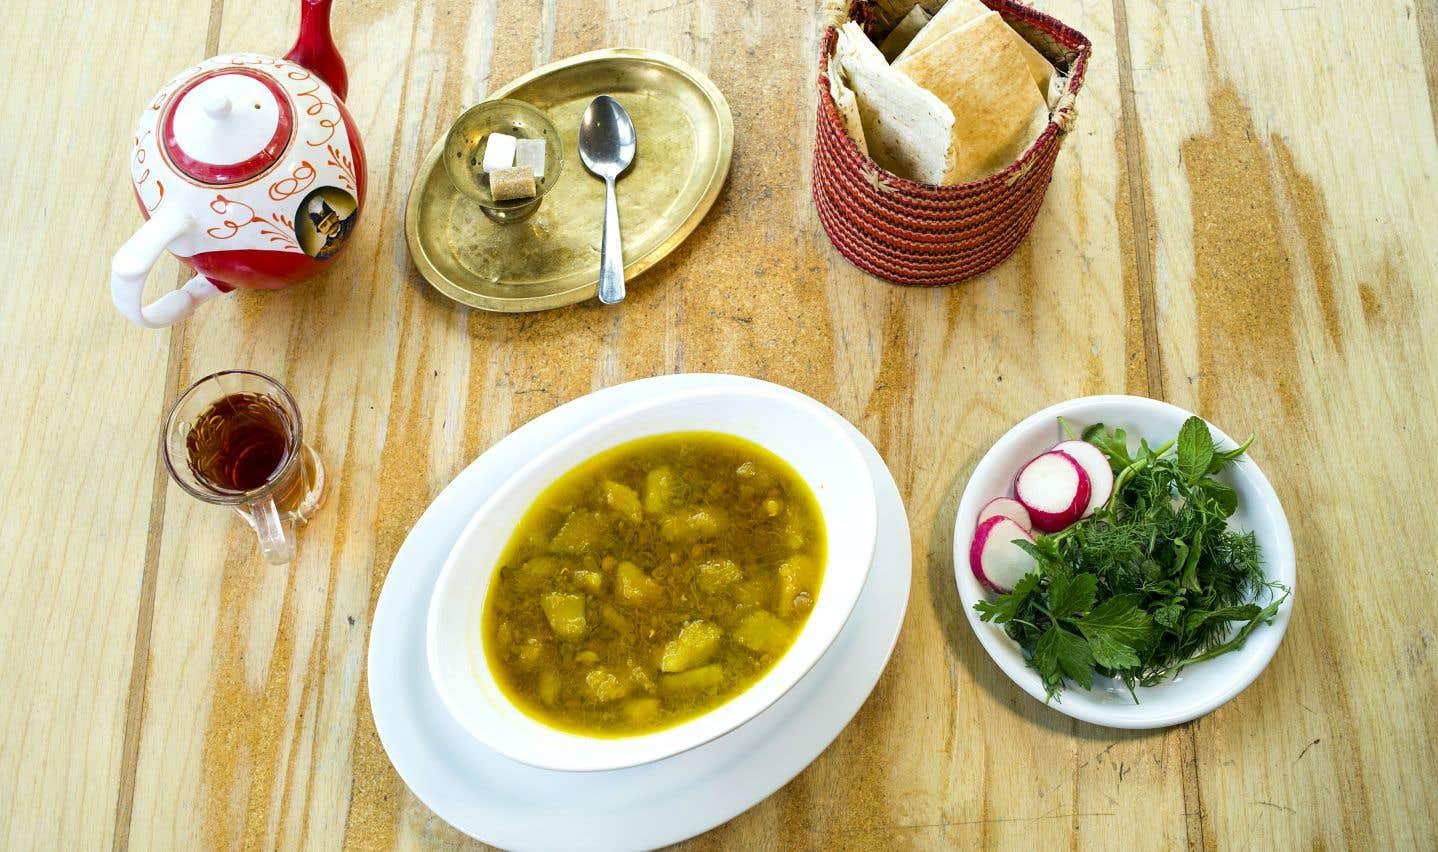 La recette de soupe aux lentilles et à la citrouille de Heméla Pourafzal